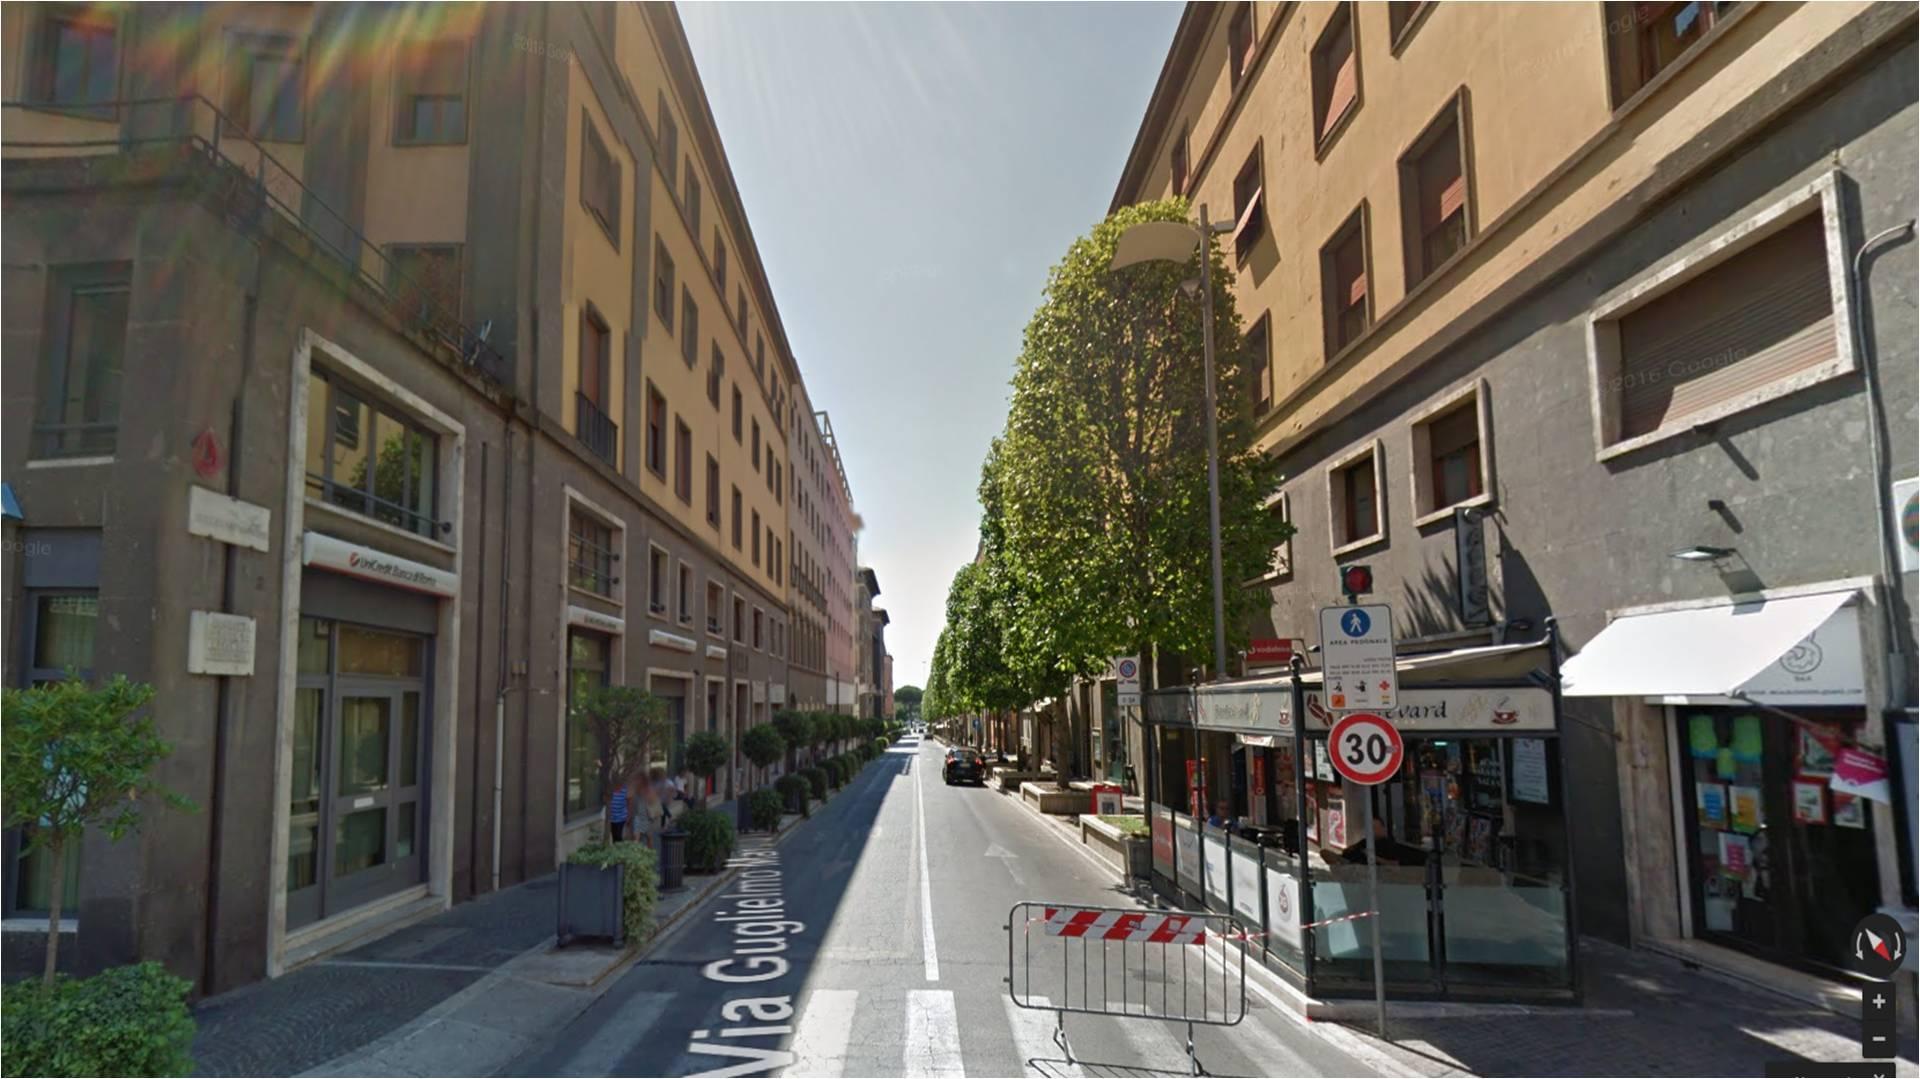 Ufficio / Studio in vendita a Viterbo, 9999 locali, zona Zona: Centro, prezzo € 85.000 | CambioCasa.it